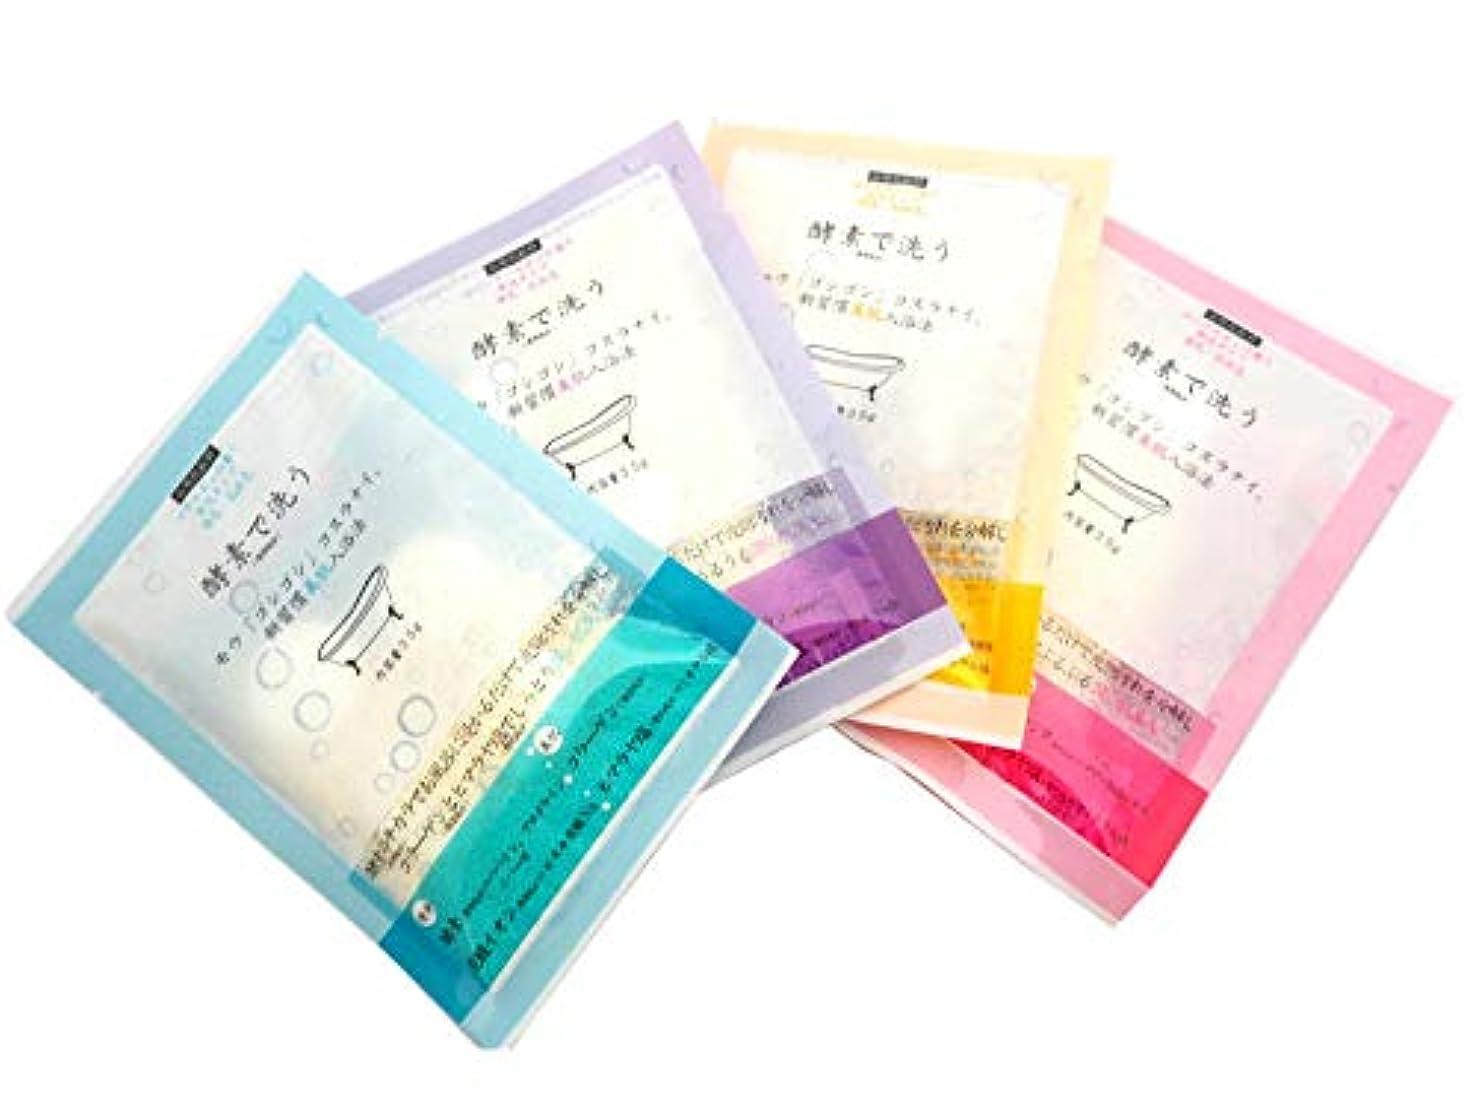 雑品ふつう抗議酵素で洗う入浴料 35g 4種詰め合わせセット 12個入り